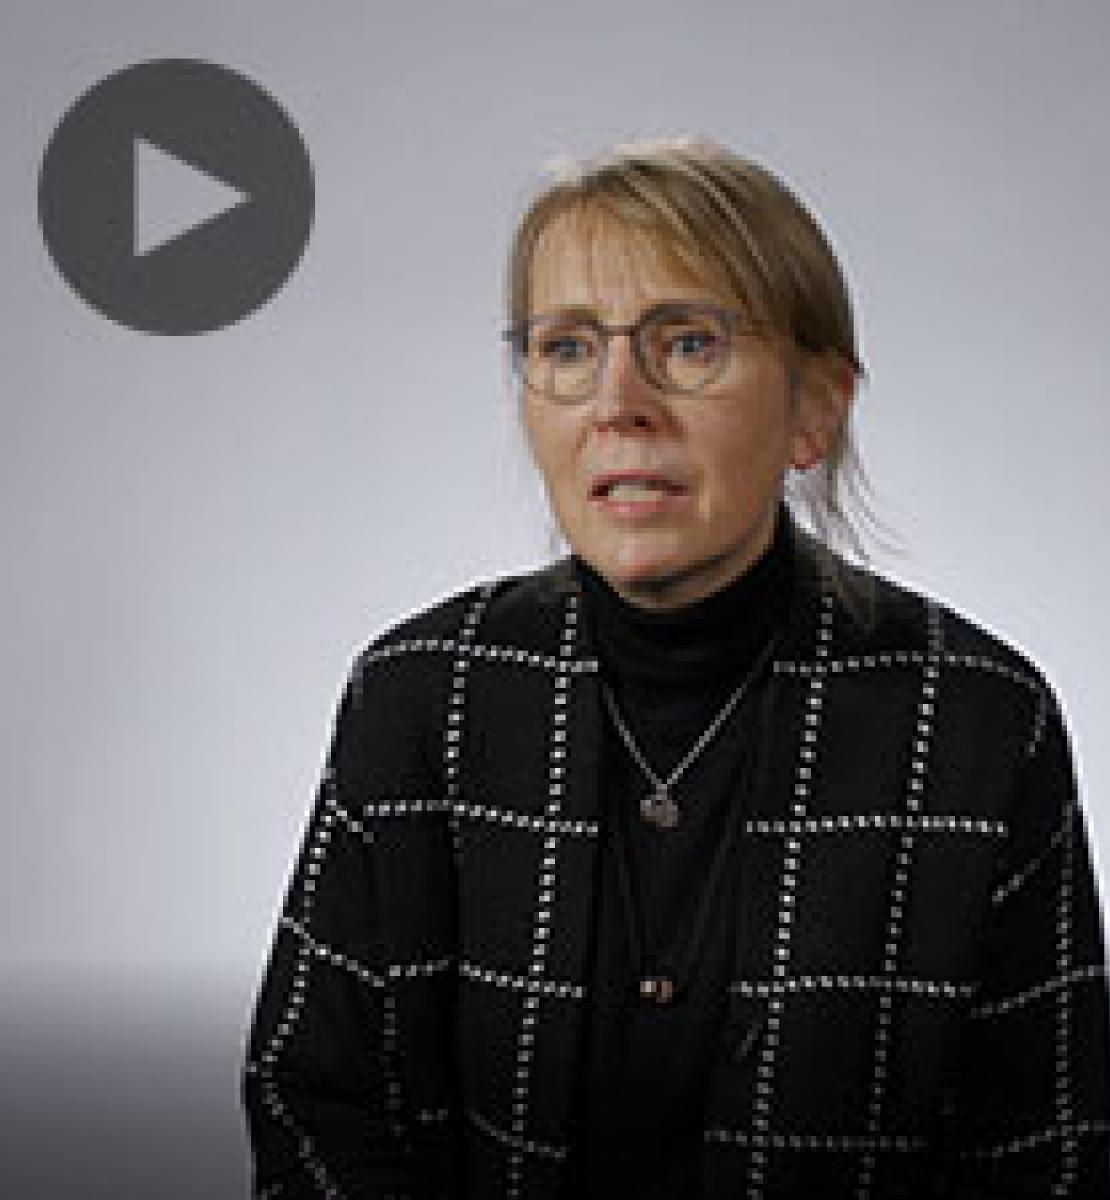 Screenshot from video message shows Resident Coordinator, Valerie Julliand